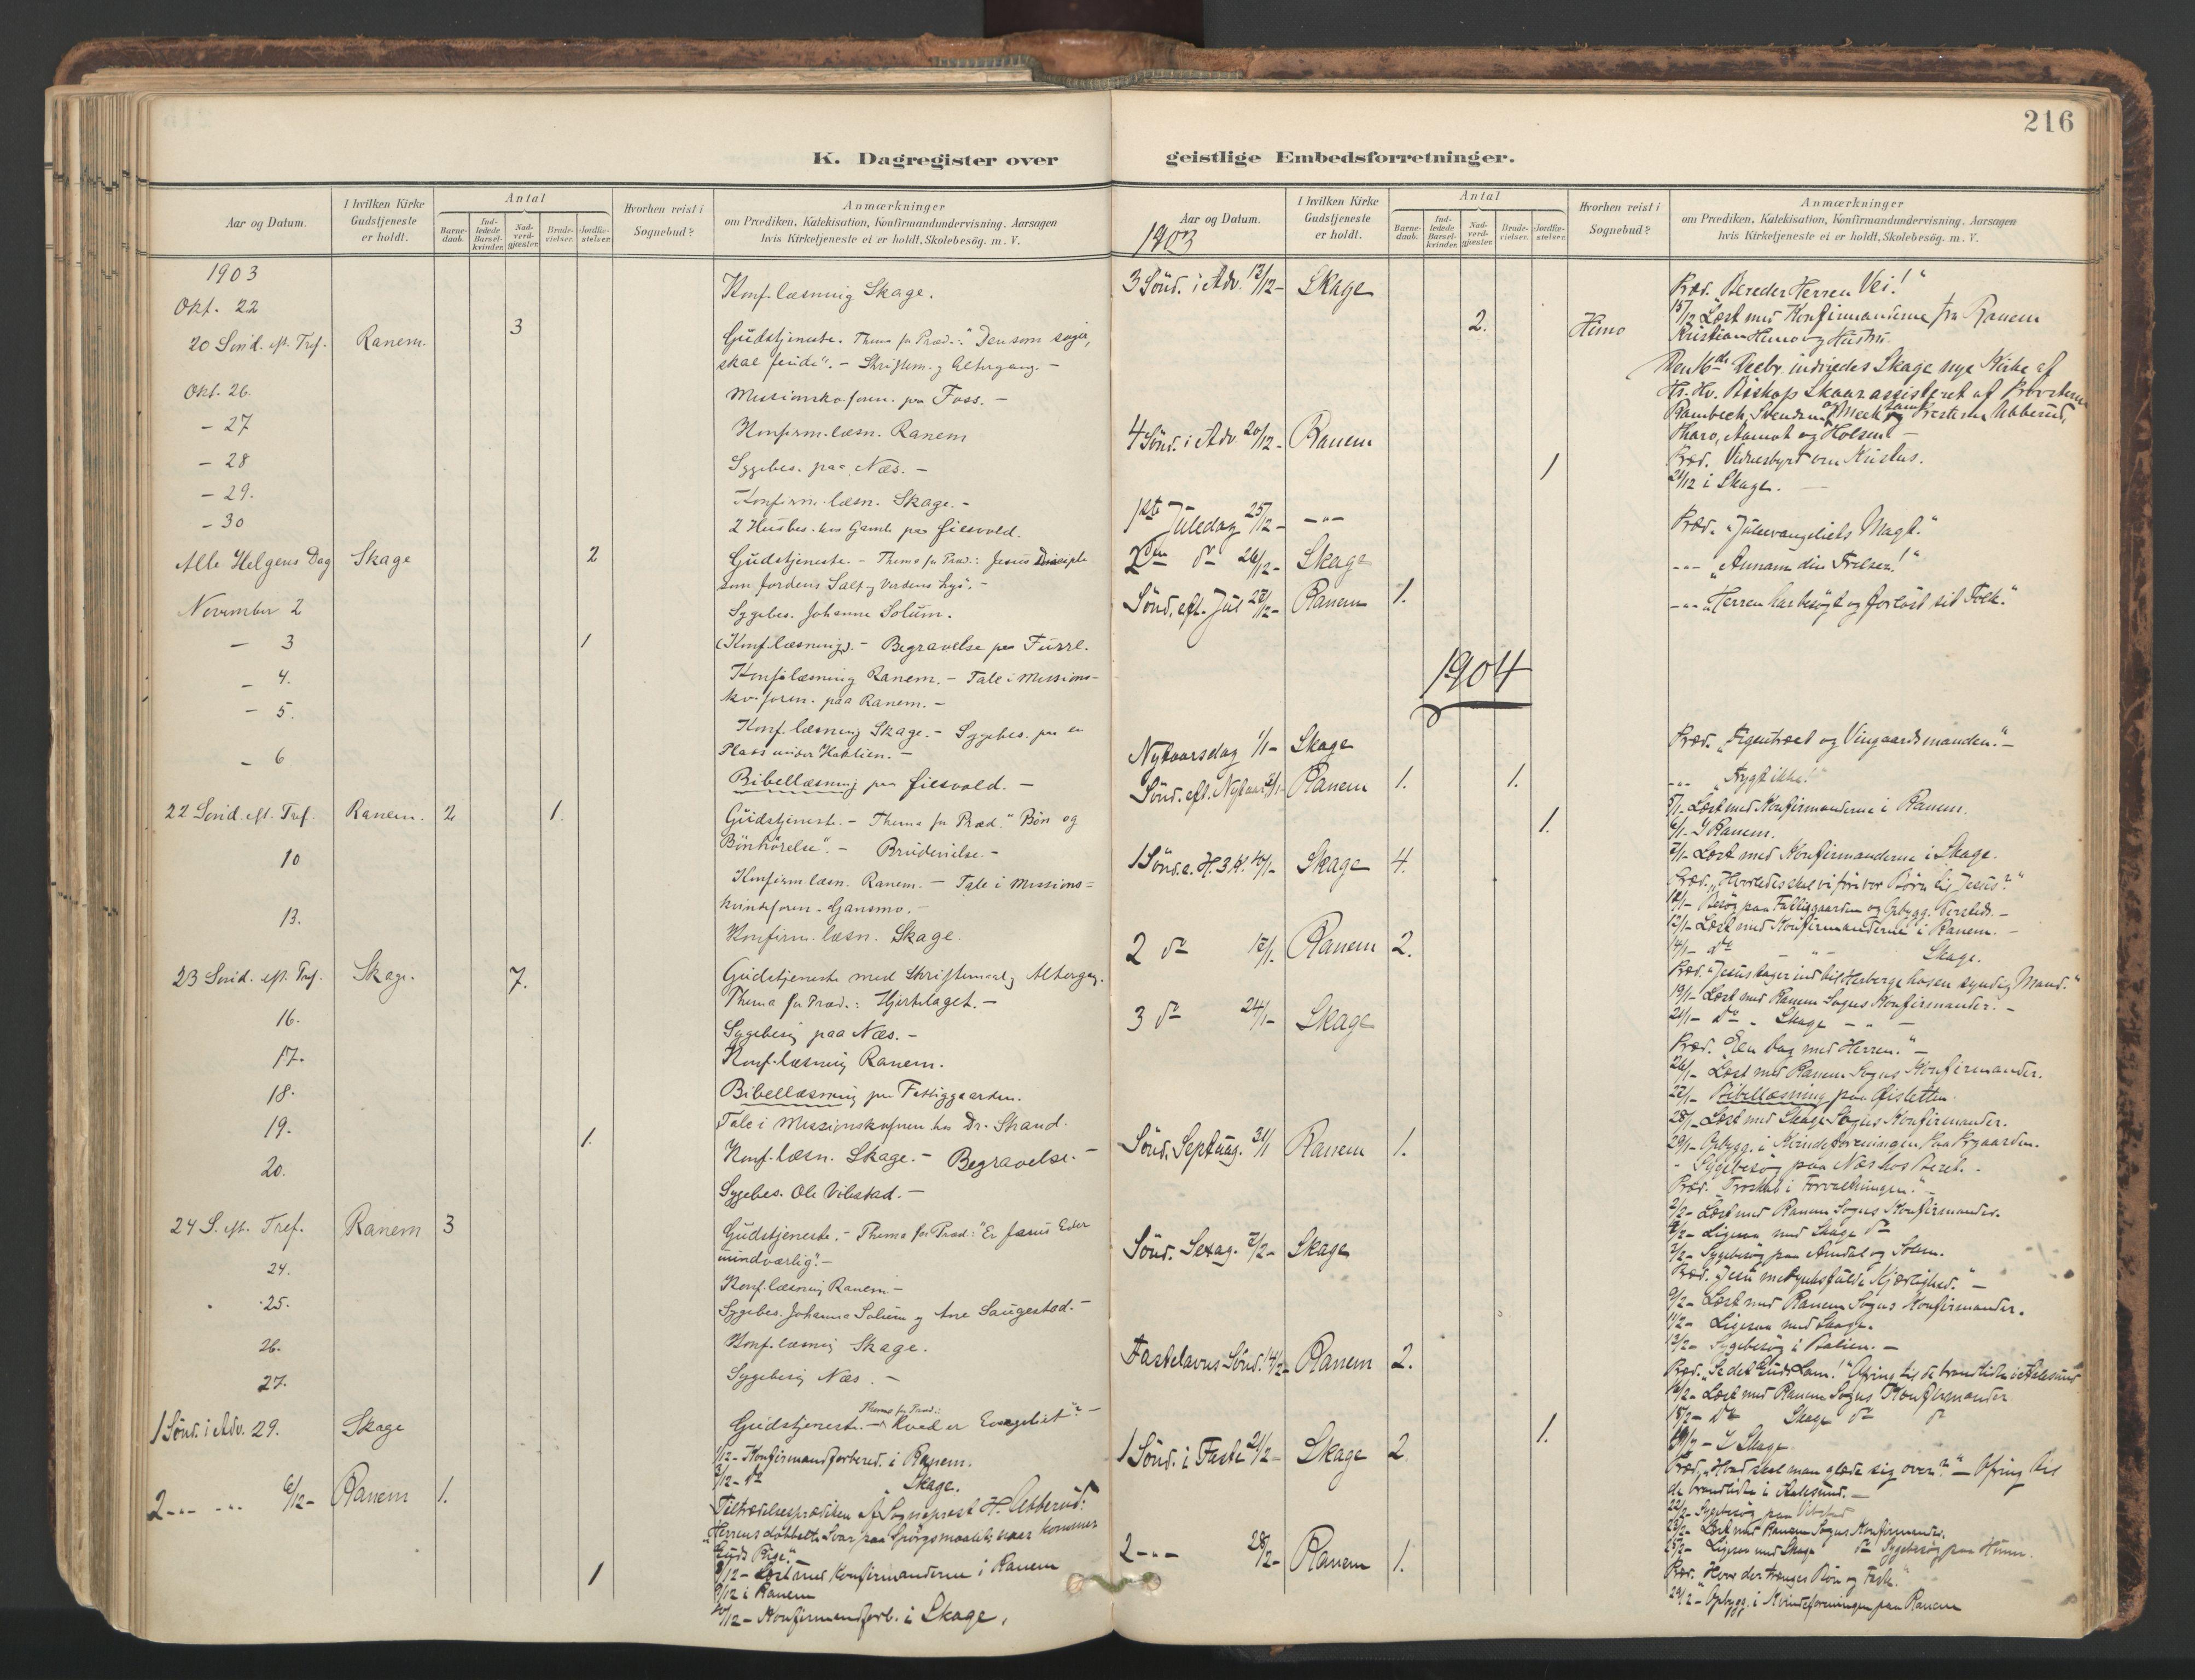 SAT, Ministerialprotokoller, klokkerbøker og fødselsregistre - Nord-Trøndelag, 764/L0556: Ministerialbok nr. 764A11, 1897-1924, s. 216